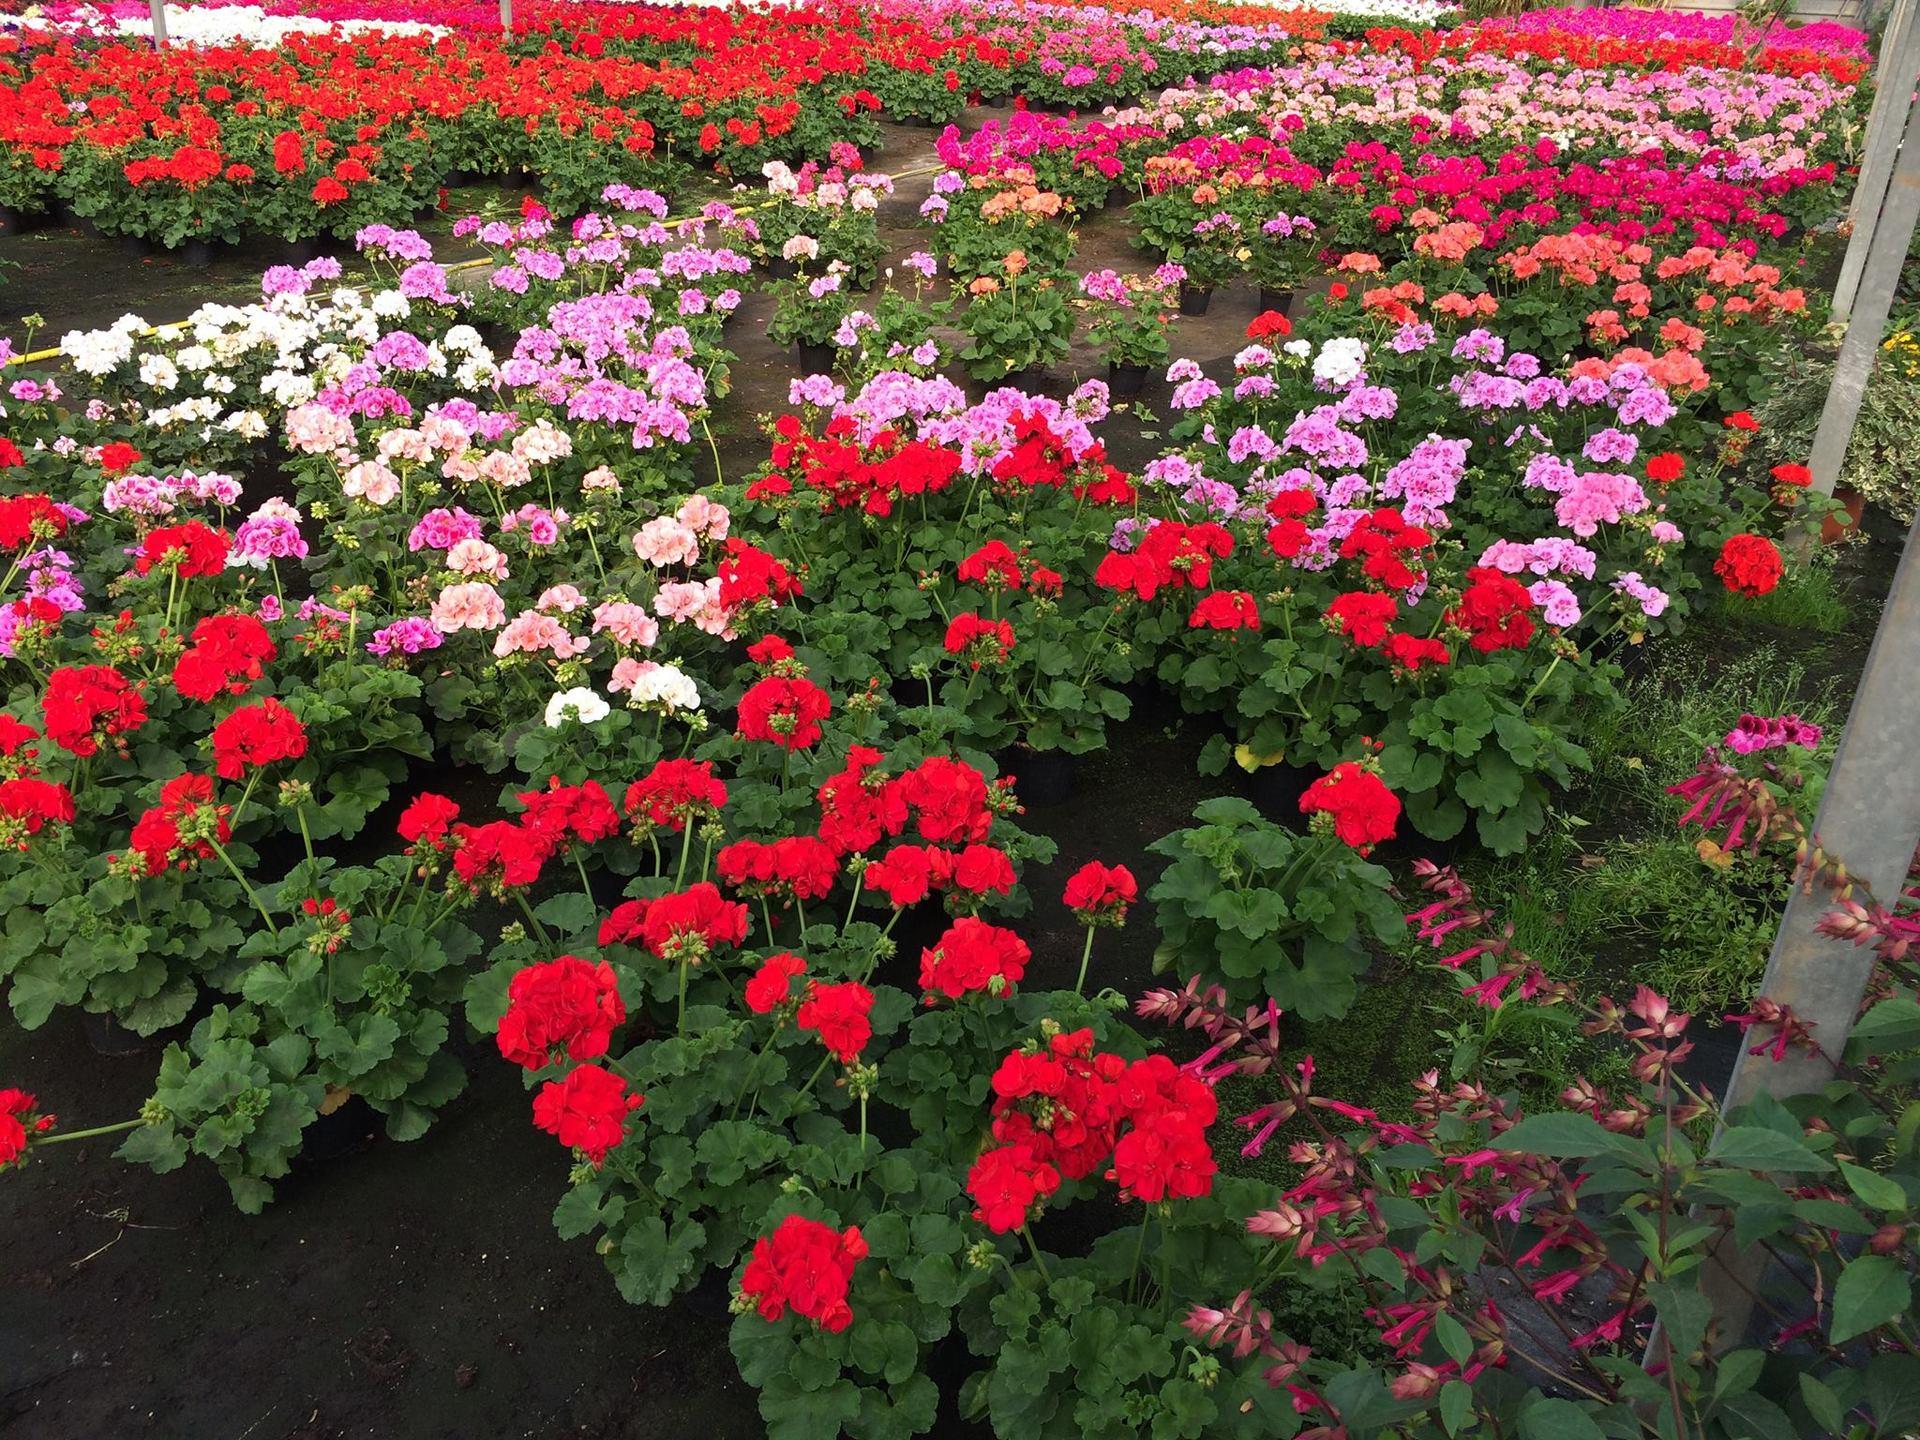 dei fiori bianchi, rossi e rosa